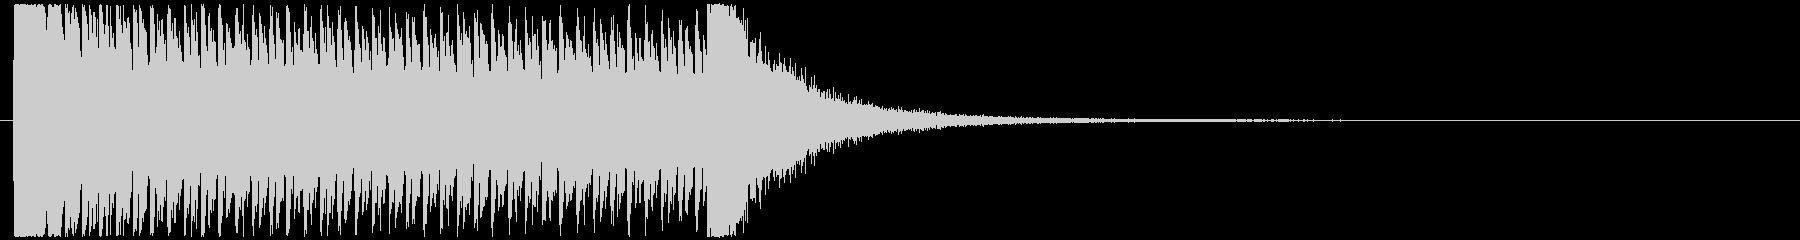 5秒ドラムロールの未再生の波形